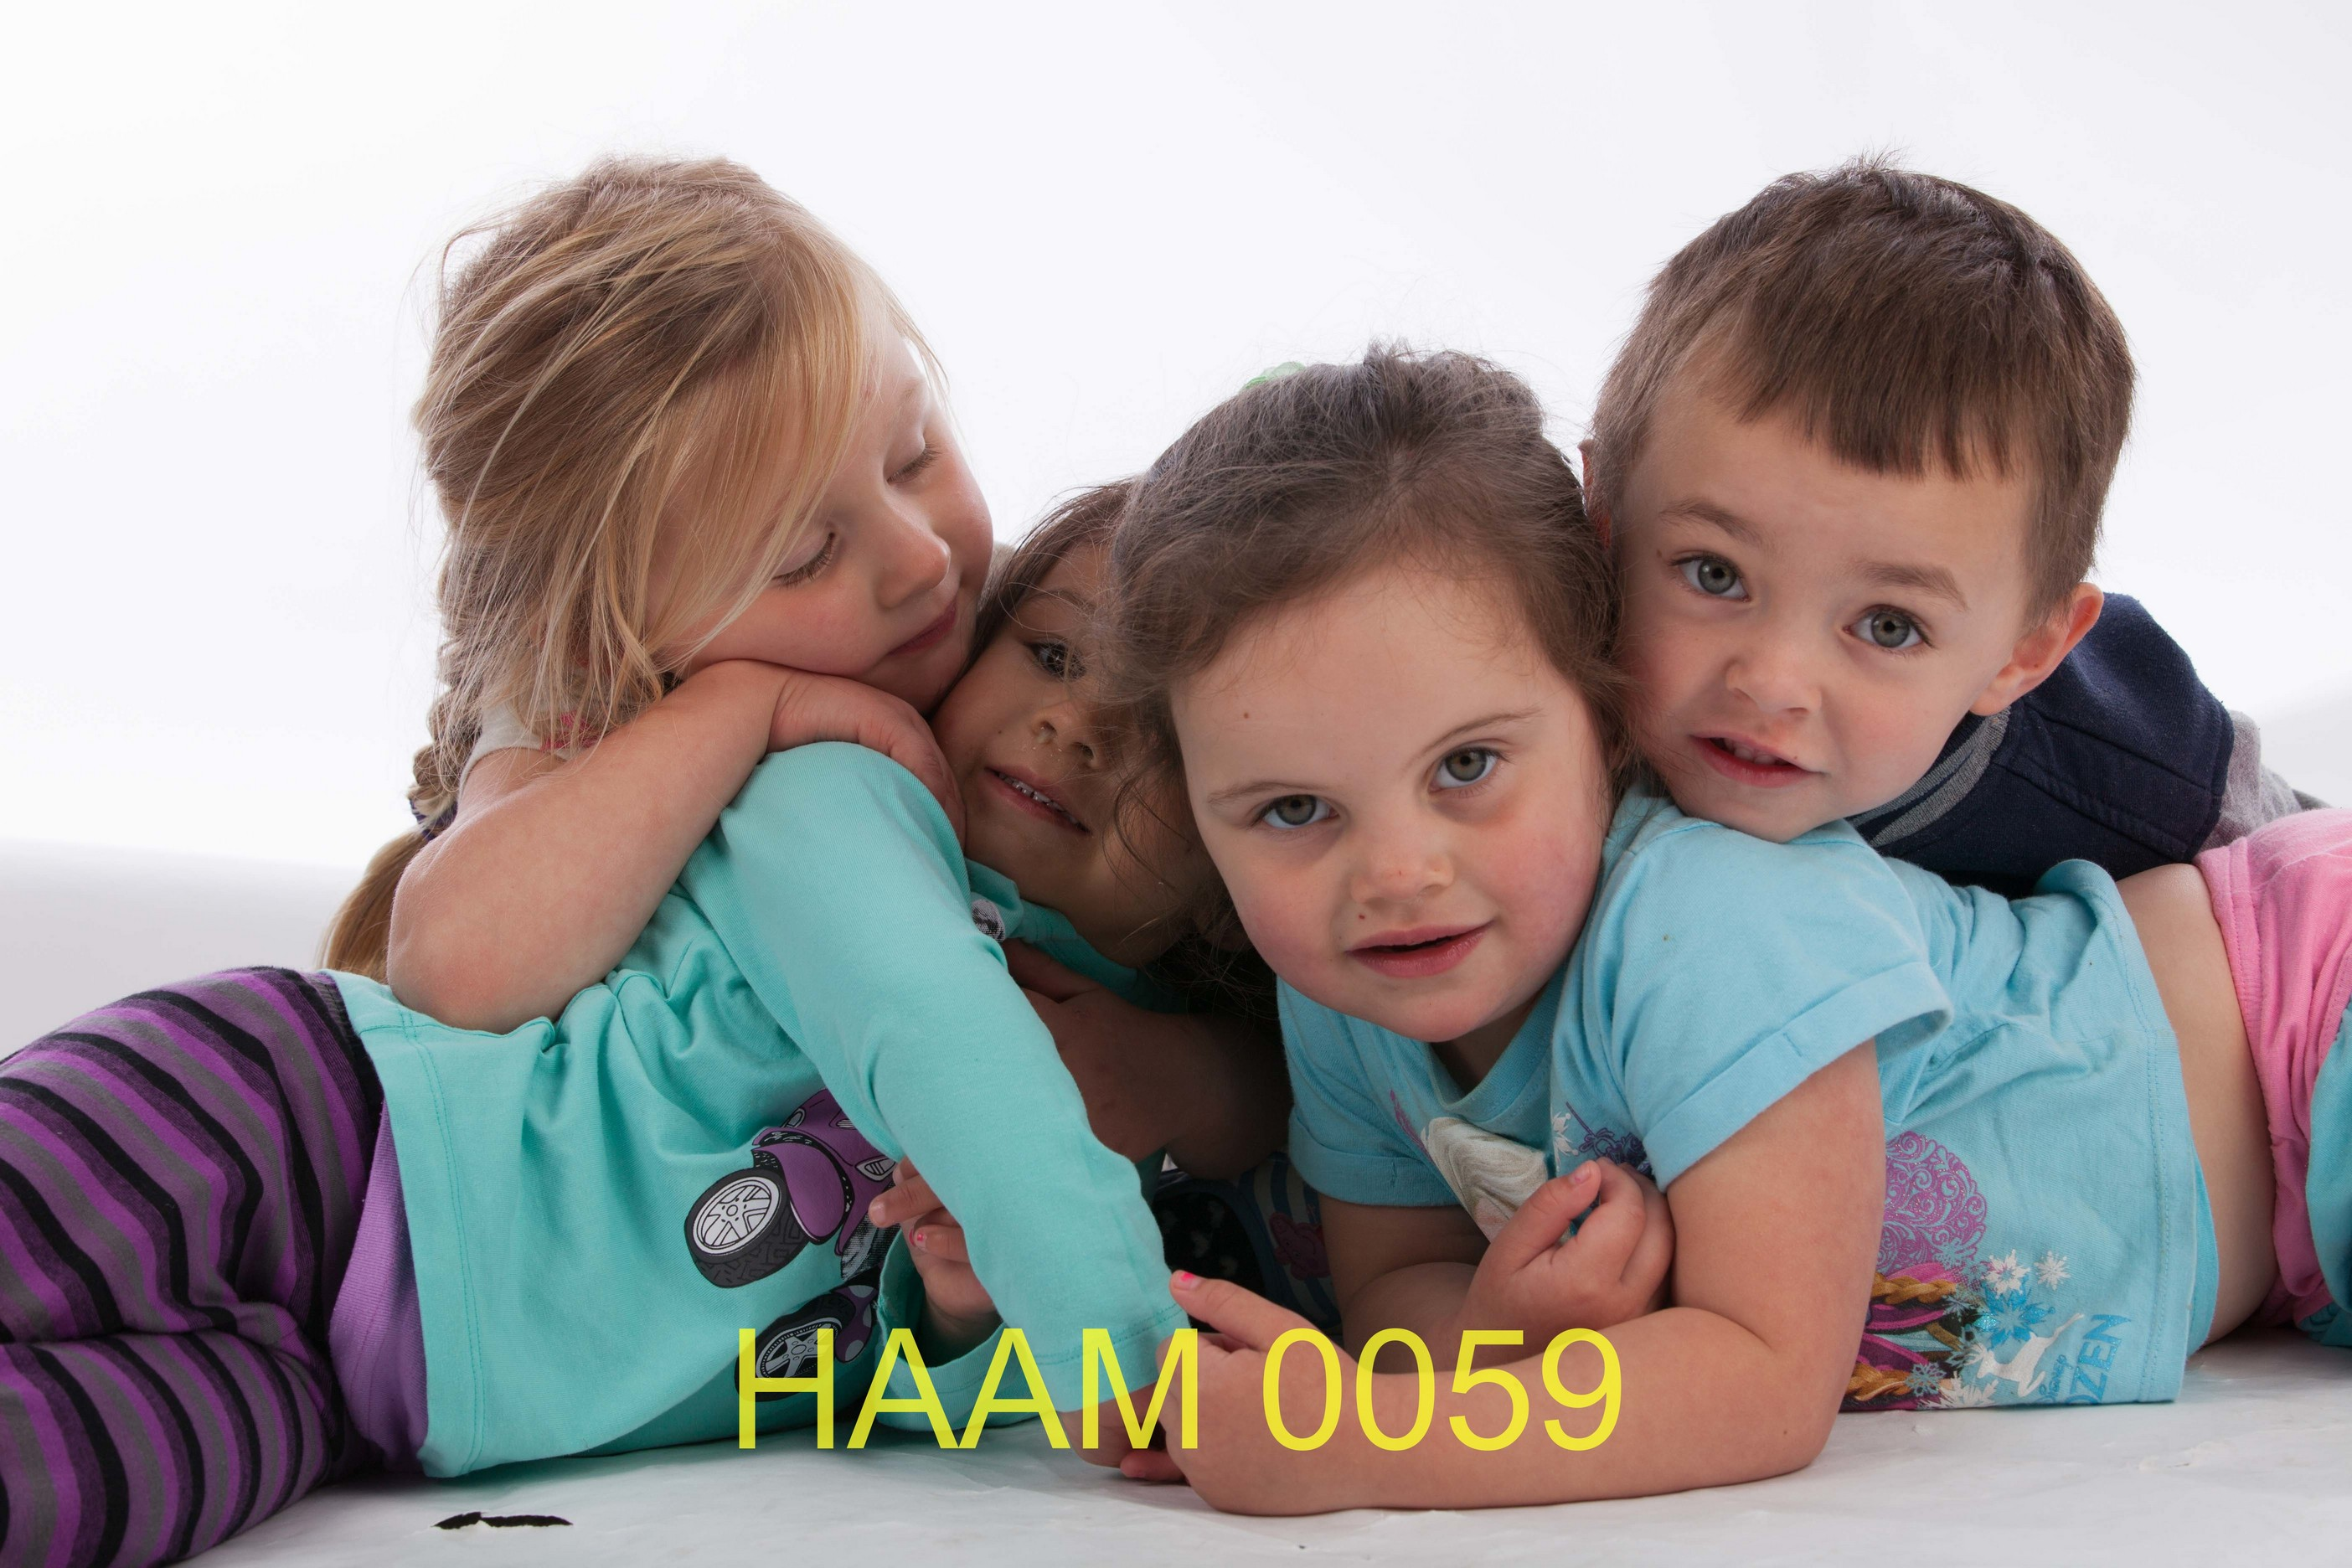 HAAM 0059